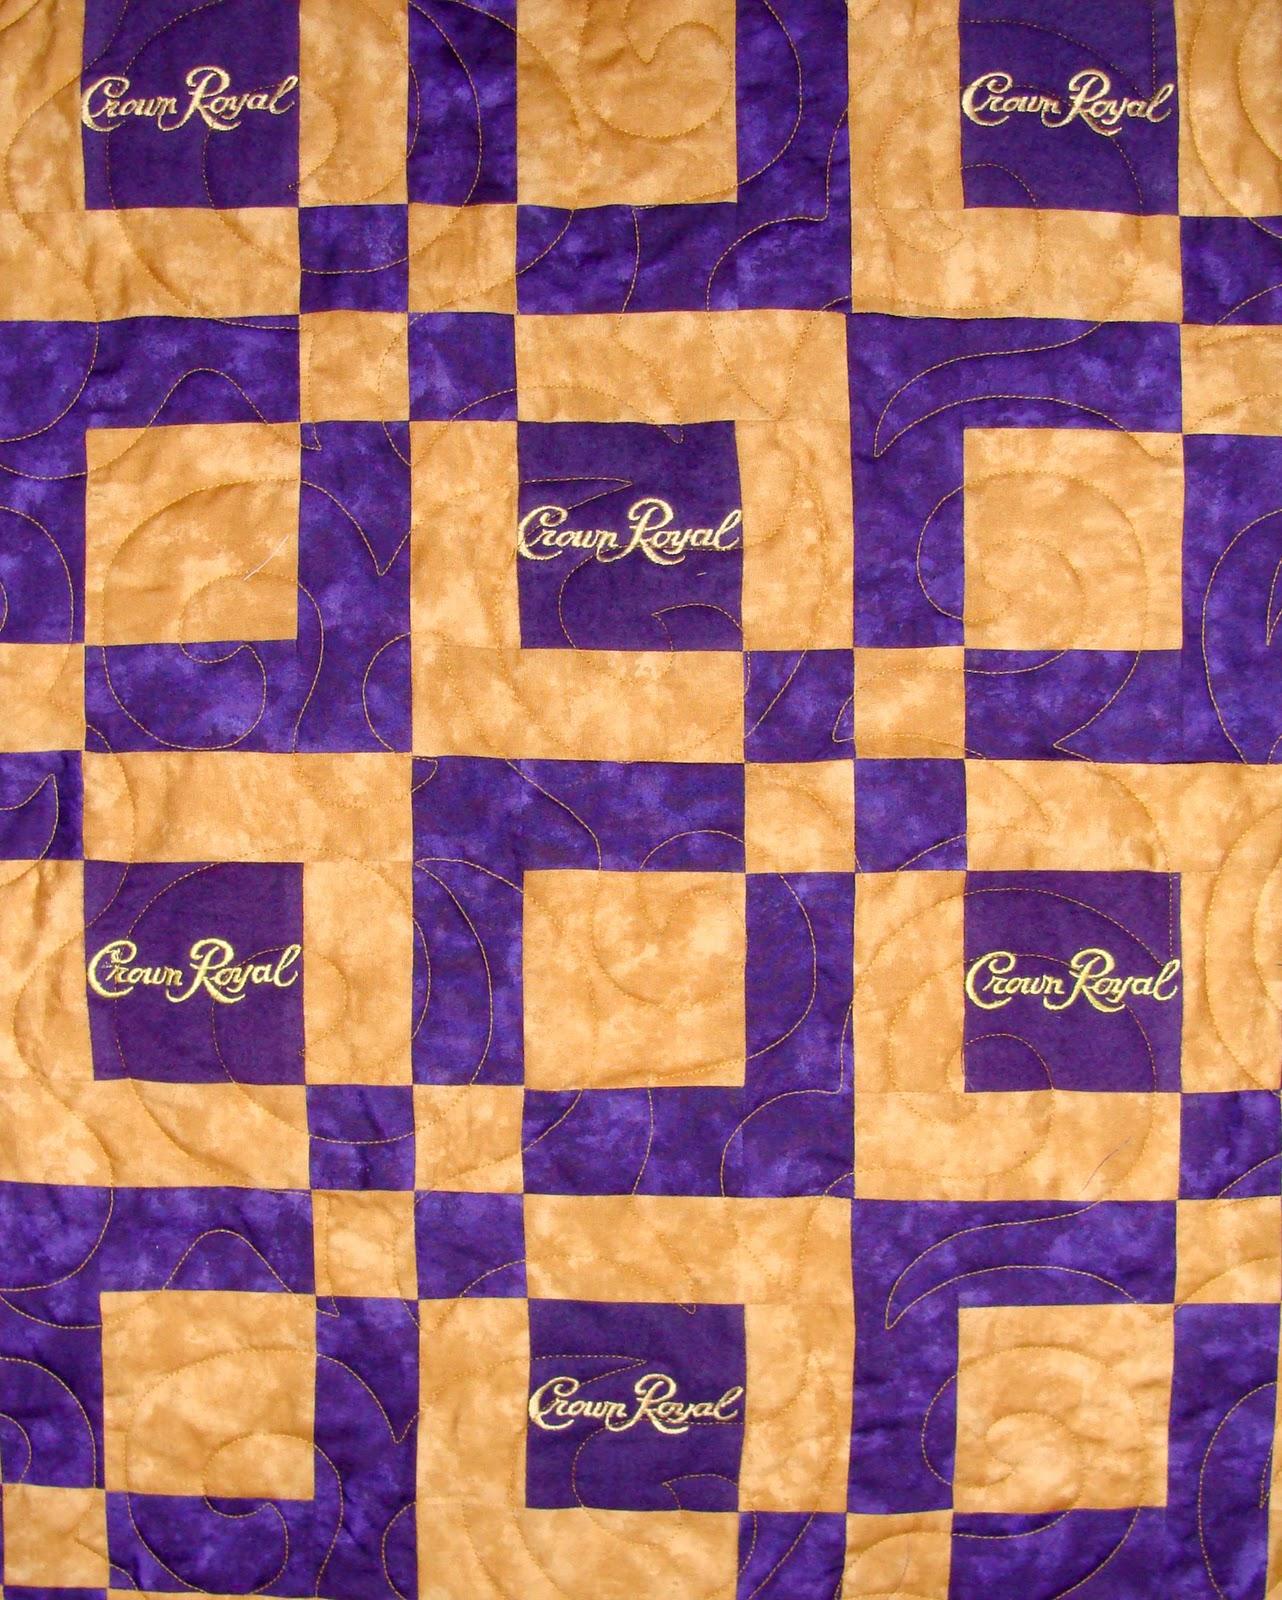 Bag Gloves Images: Crown Royal Bag Quilts